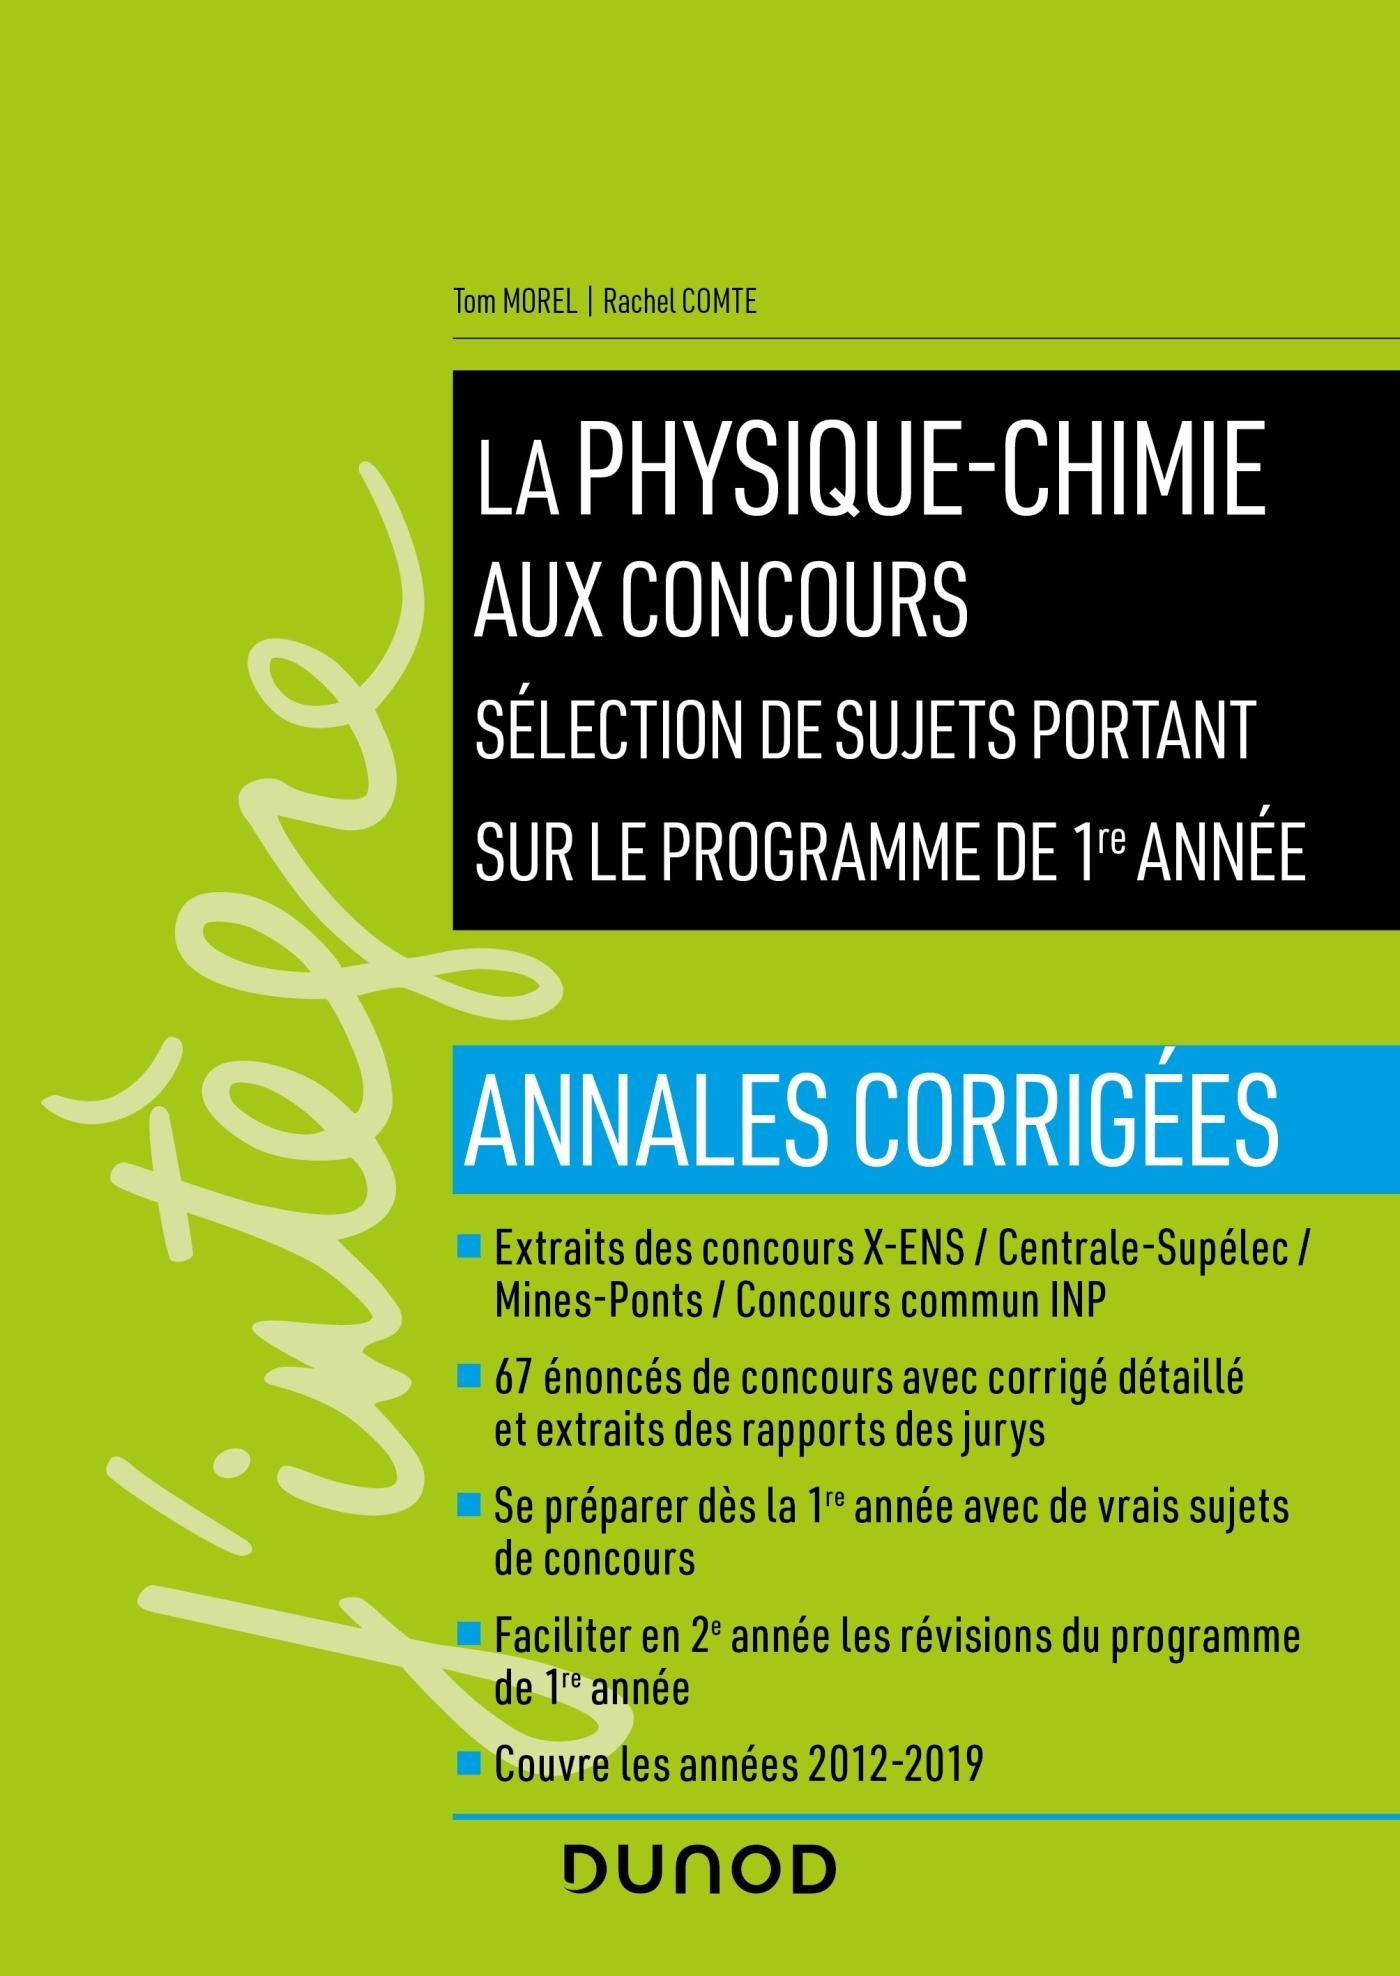 LA PHYSIQUE-CHIMIE AUX CONCOURS - PROGRAMME 1RE ANNEE - ANNALES CORRIGEES